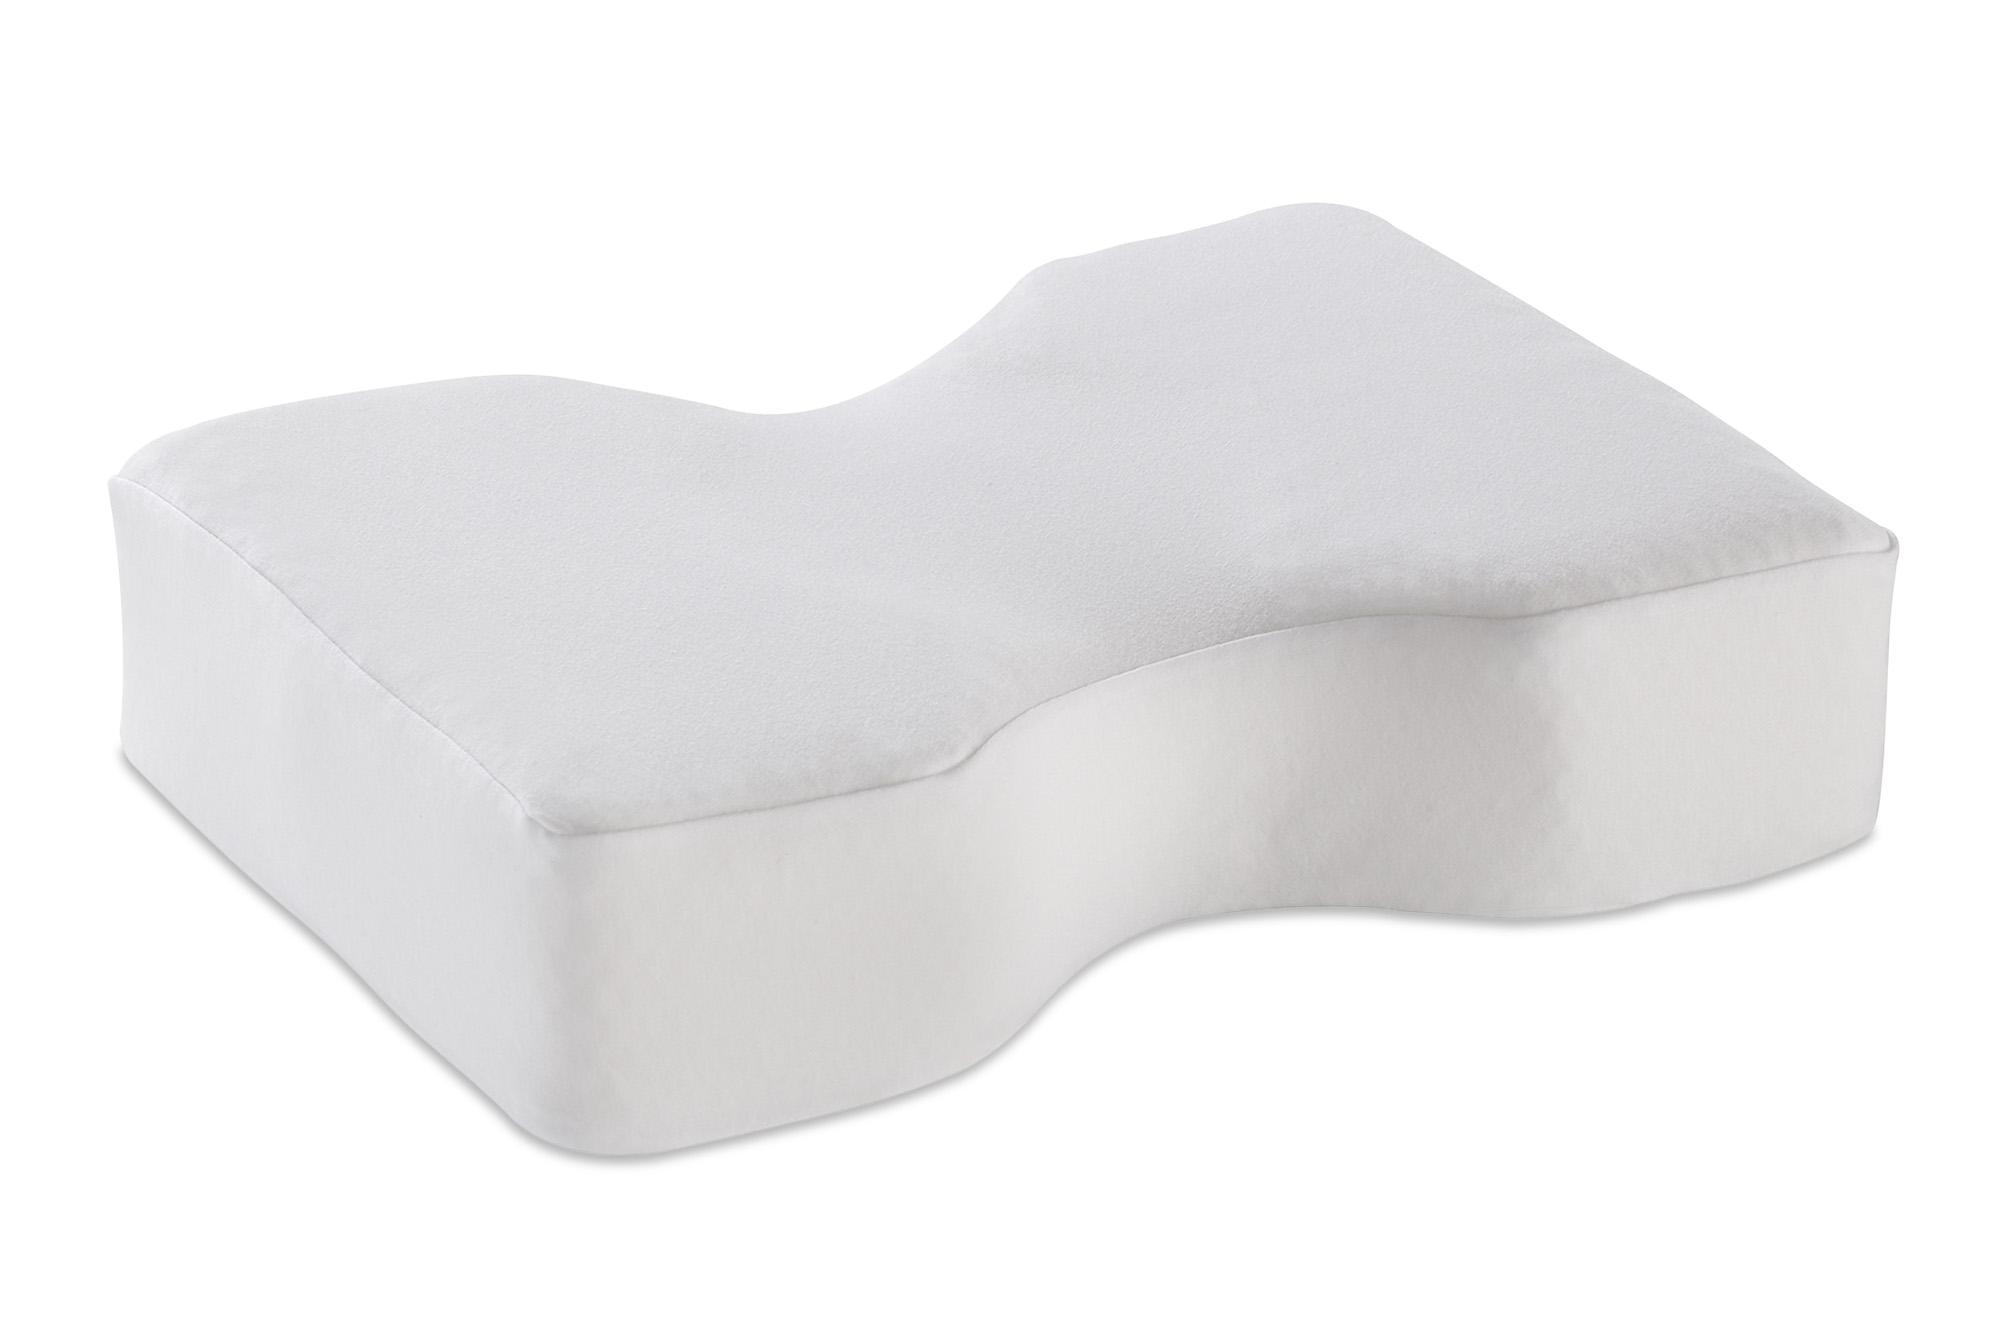 Sanapur Kopfkissenbezug Weiß 100% Baumwolle